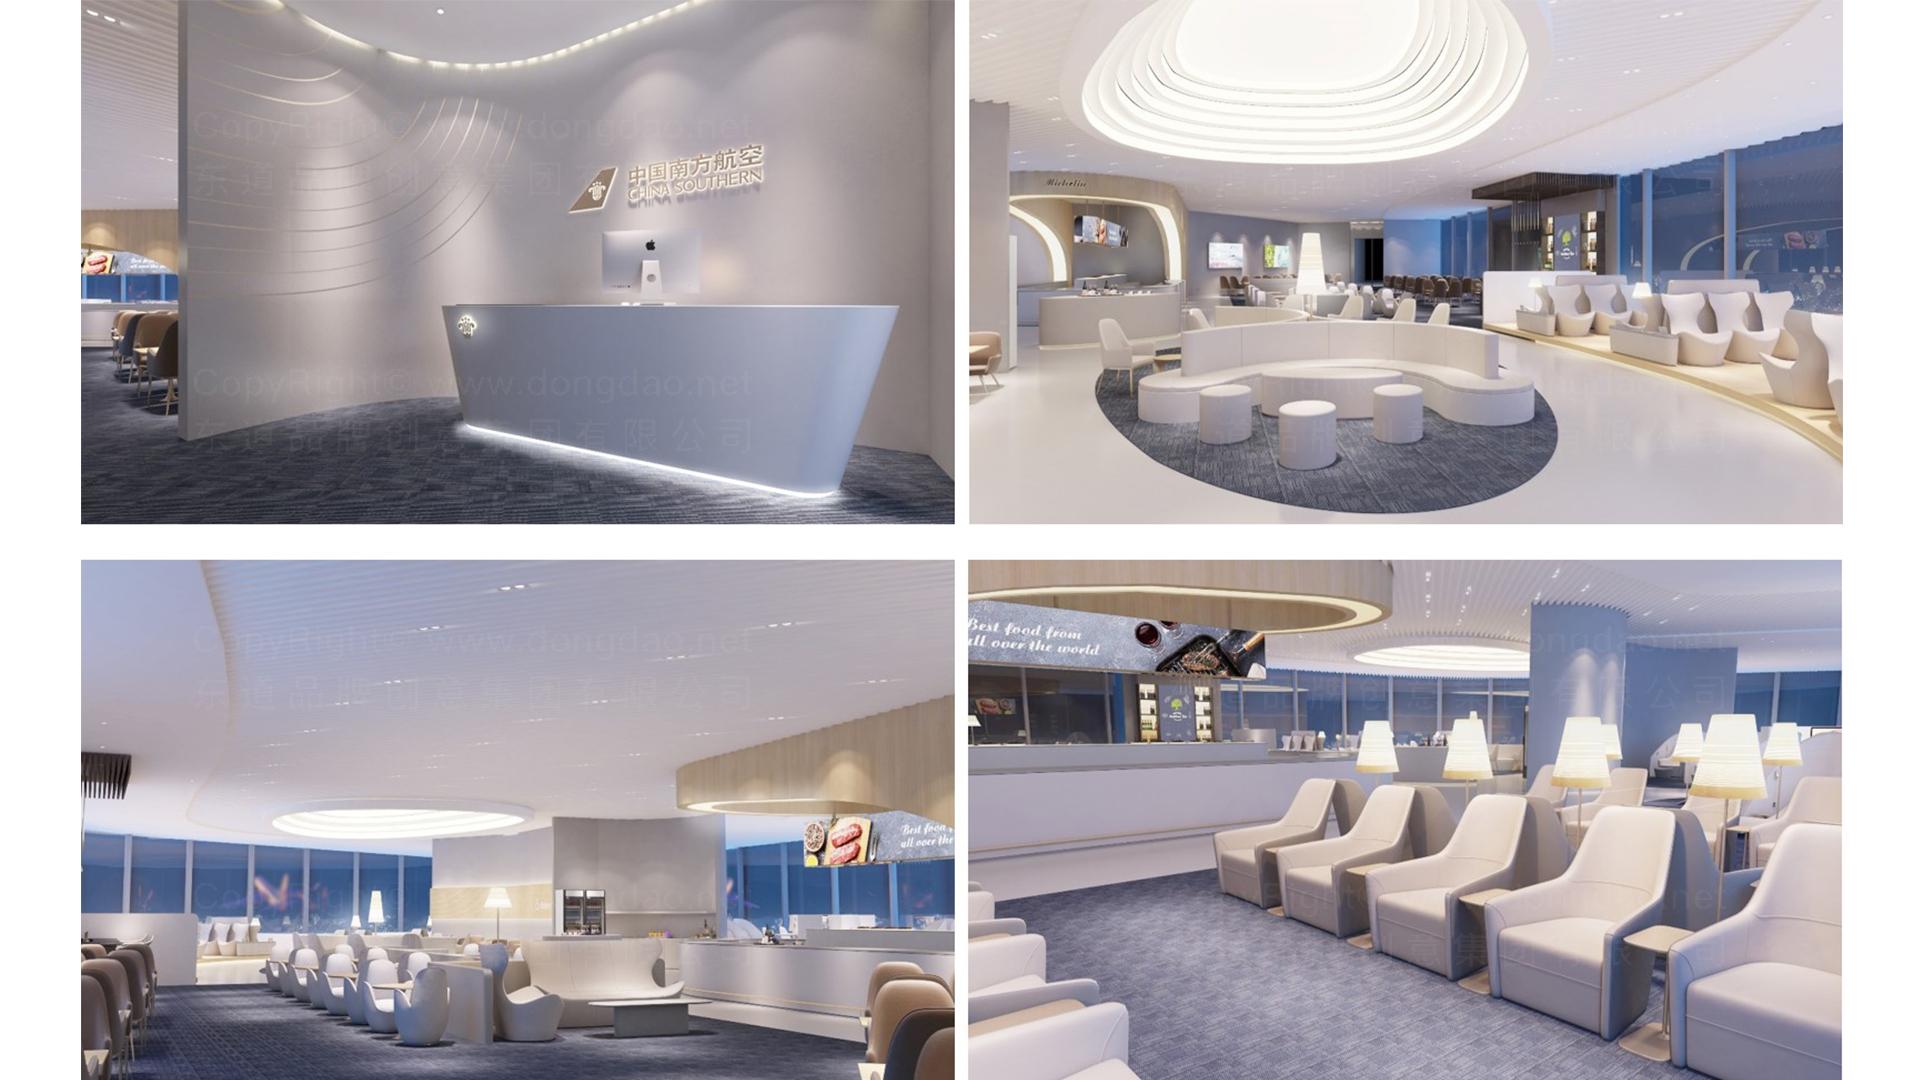 商业空间&导示南方航空南航上海浦东机场 S2 卫星听高端旅客休息室 SI应用场景_1